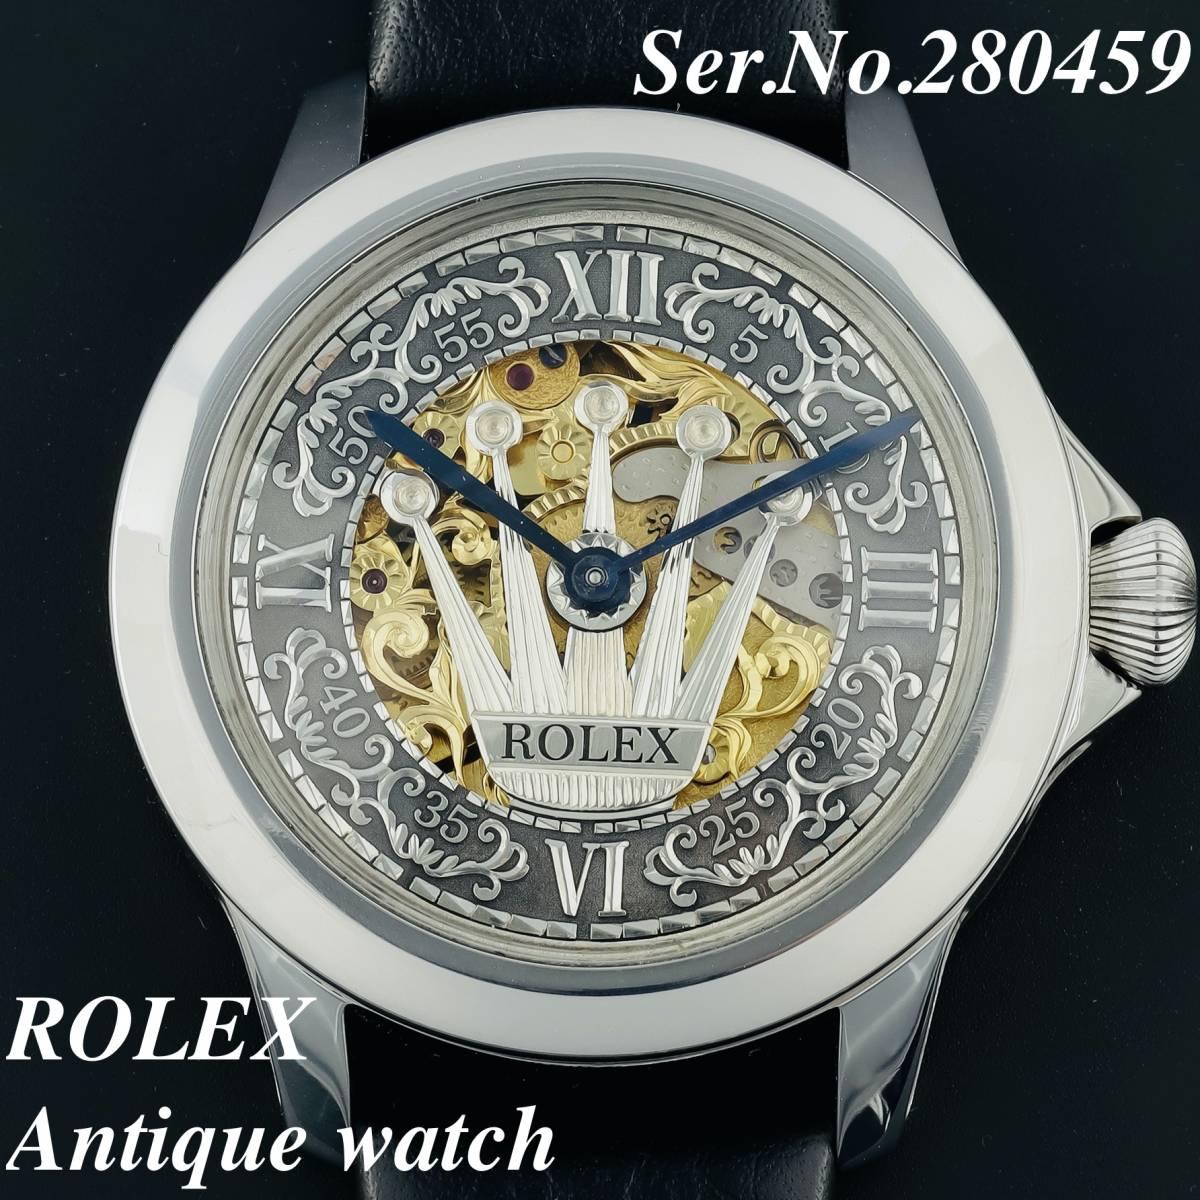 【◆今週の注目商品◆】ロレックス ROLEX アンティーク 手巻 スケルトン 腕時計 メンズ ヴィンテージ 高級 ブランド デイトナ.サブマリーナ